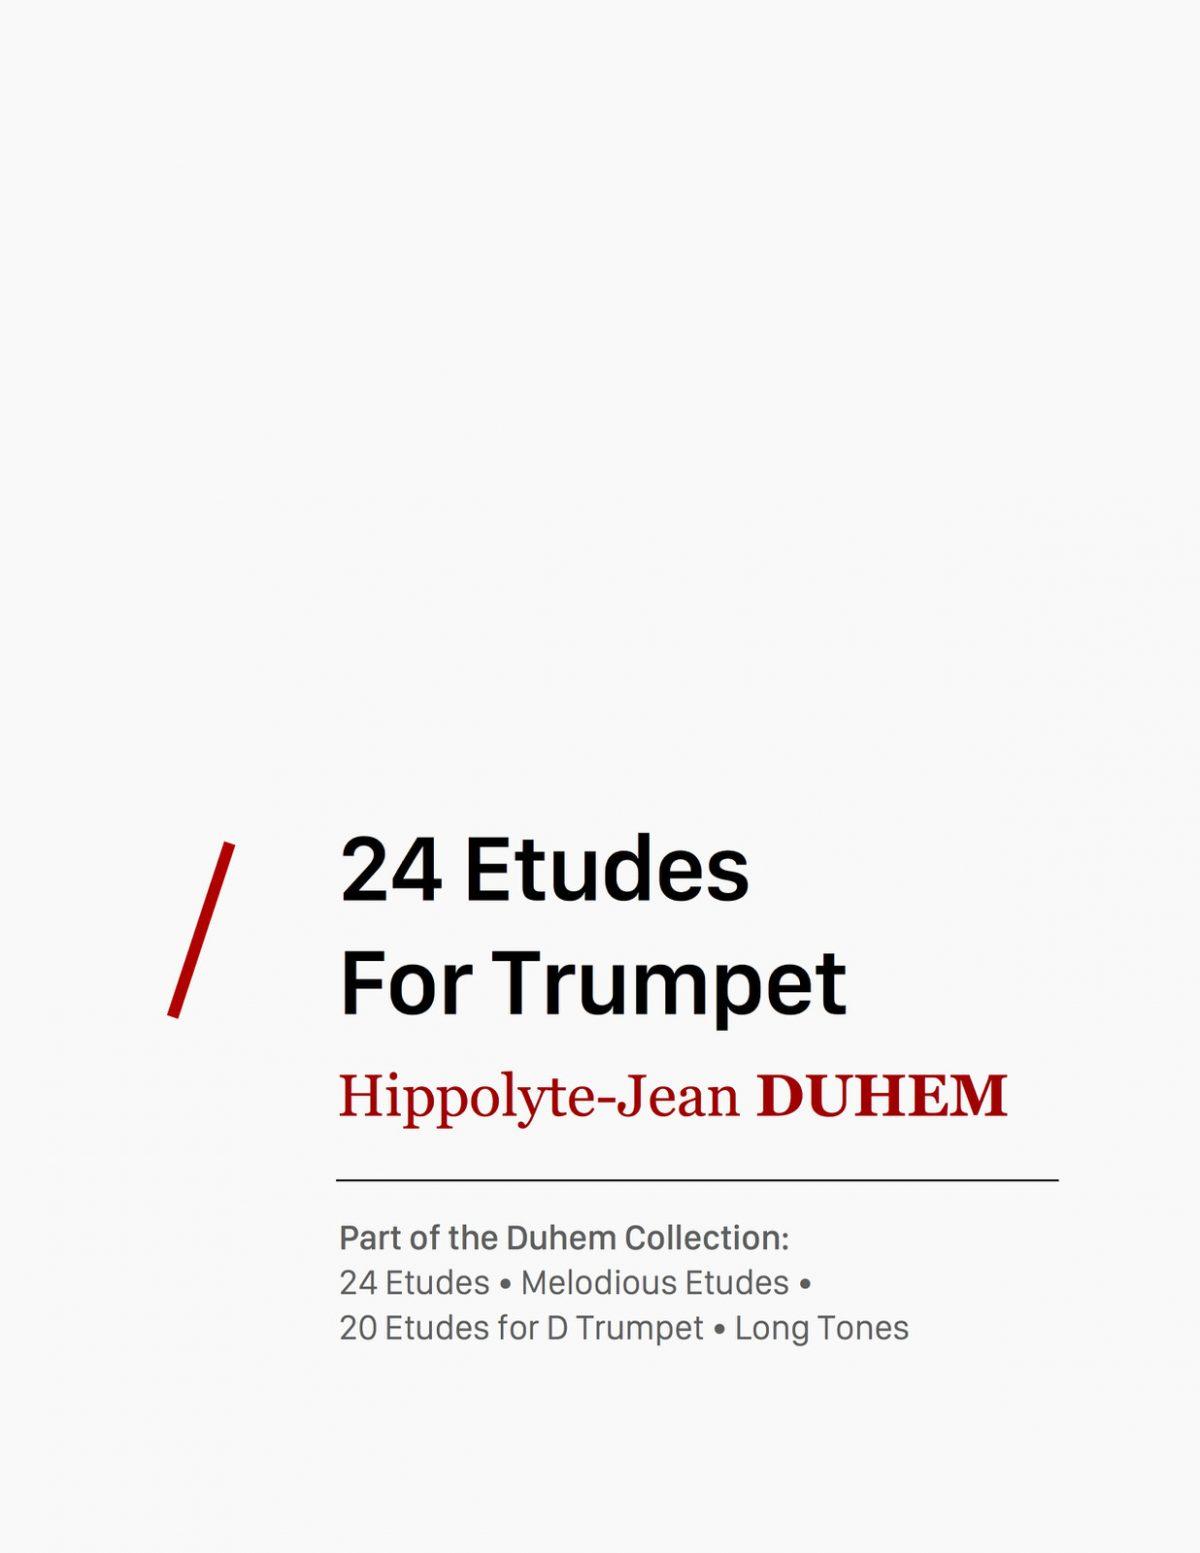 duhem-24-etudes